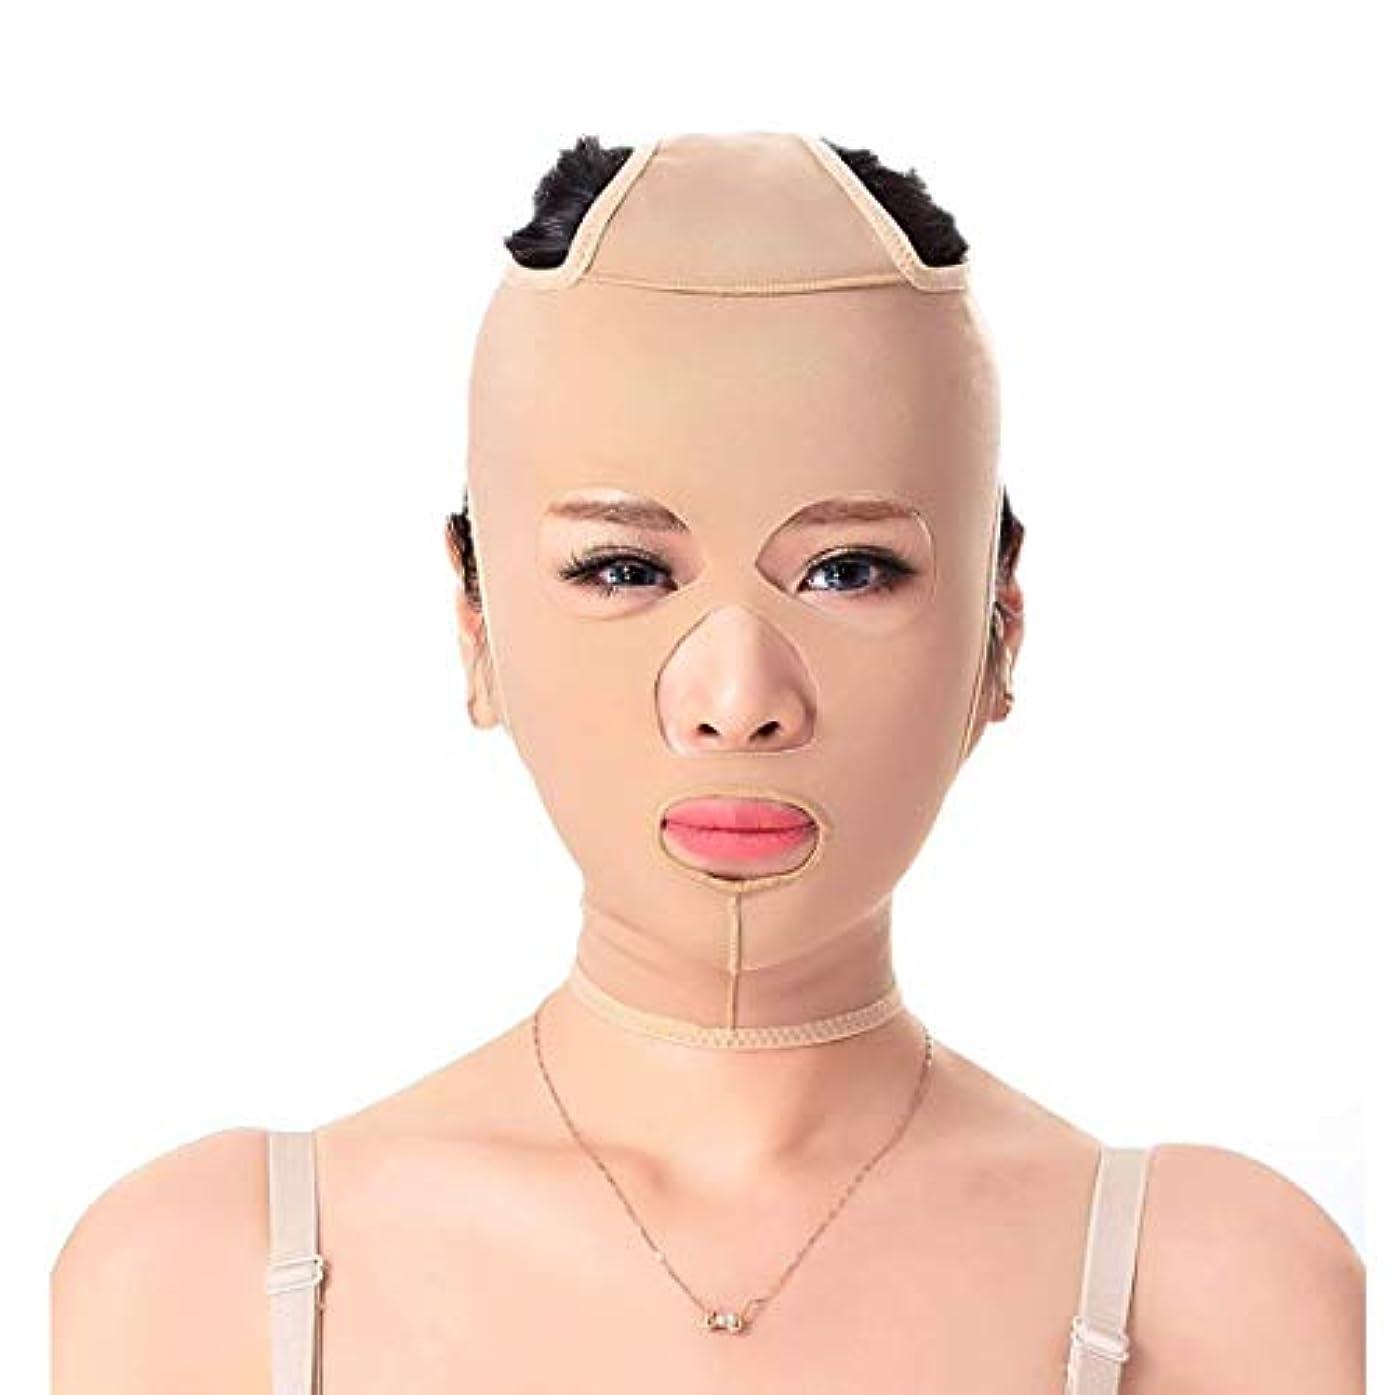 目覚めるスリーブレザースリミングベルト、フェイシャルマスク薄いフェイスマスク布布パターンリフティングダブルあご引き締めフェイシャルプラスチック顔アーティファクト強力な顔包帯(サイズ:S)